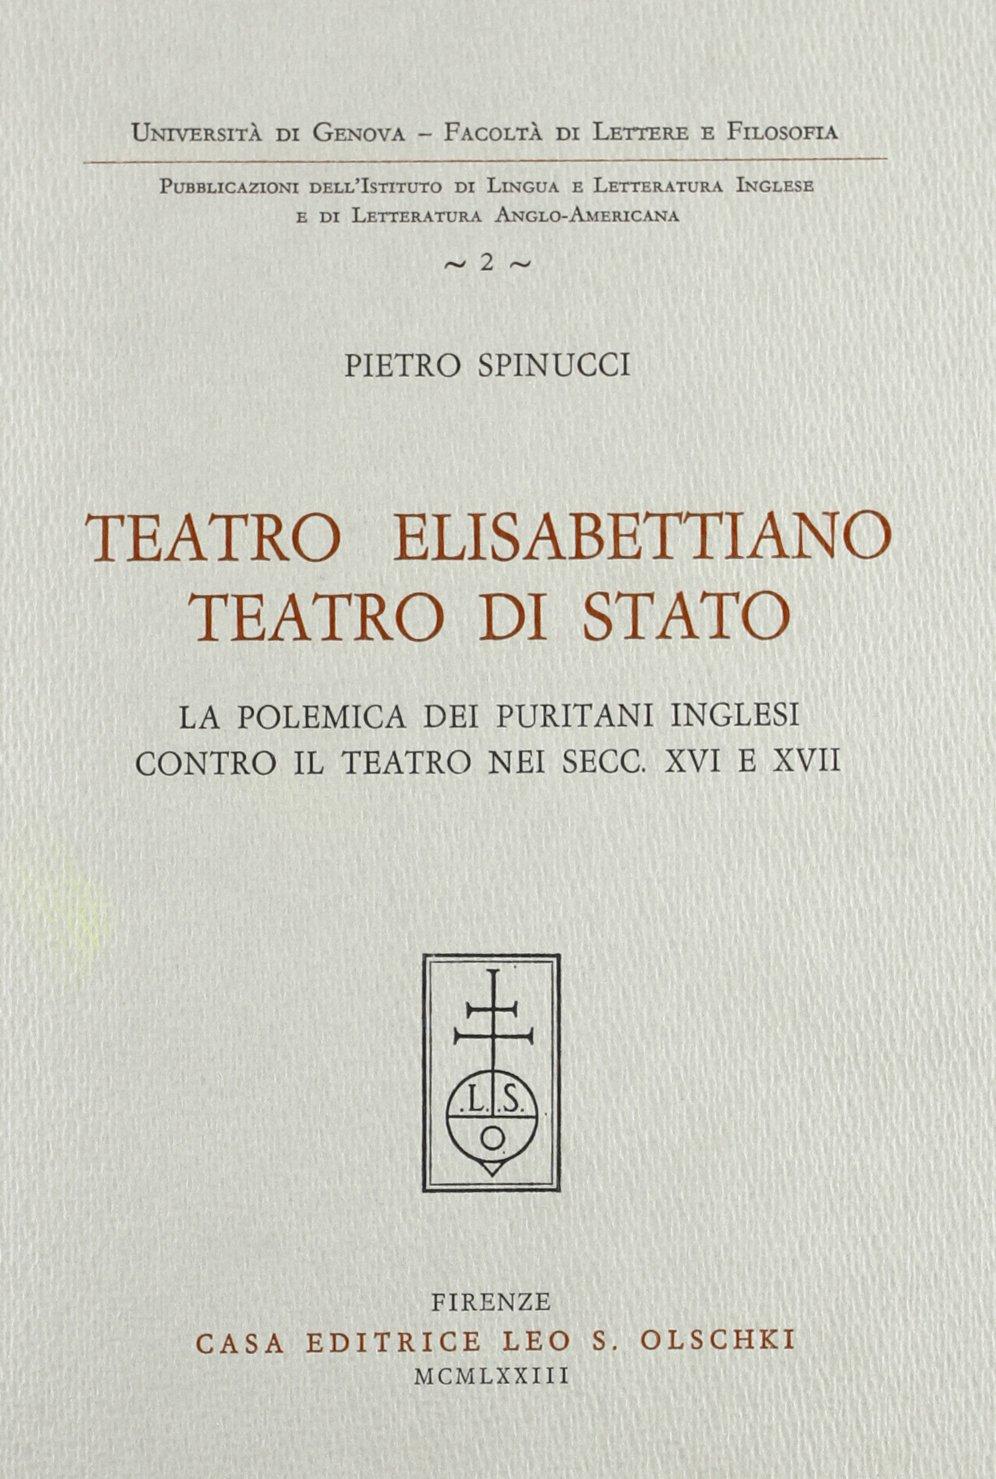 Teatro elisabettiano, teatro di Stato. La polemica dei puritani inglesi contro il teatro nei secc.